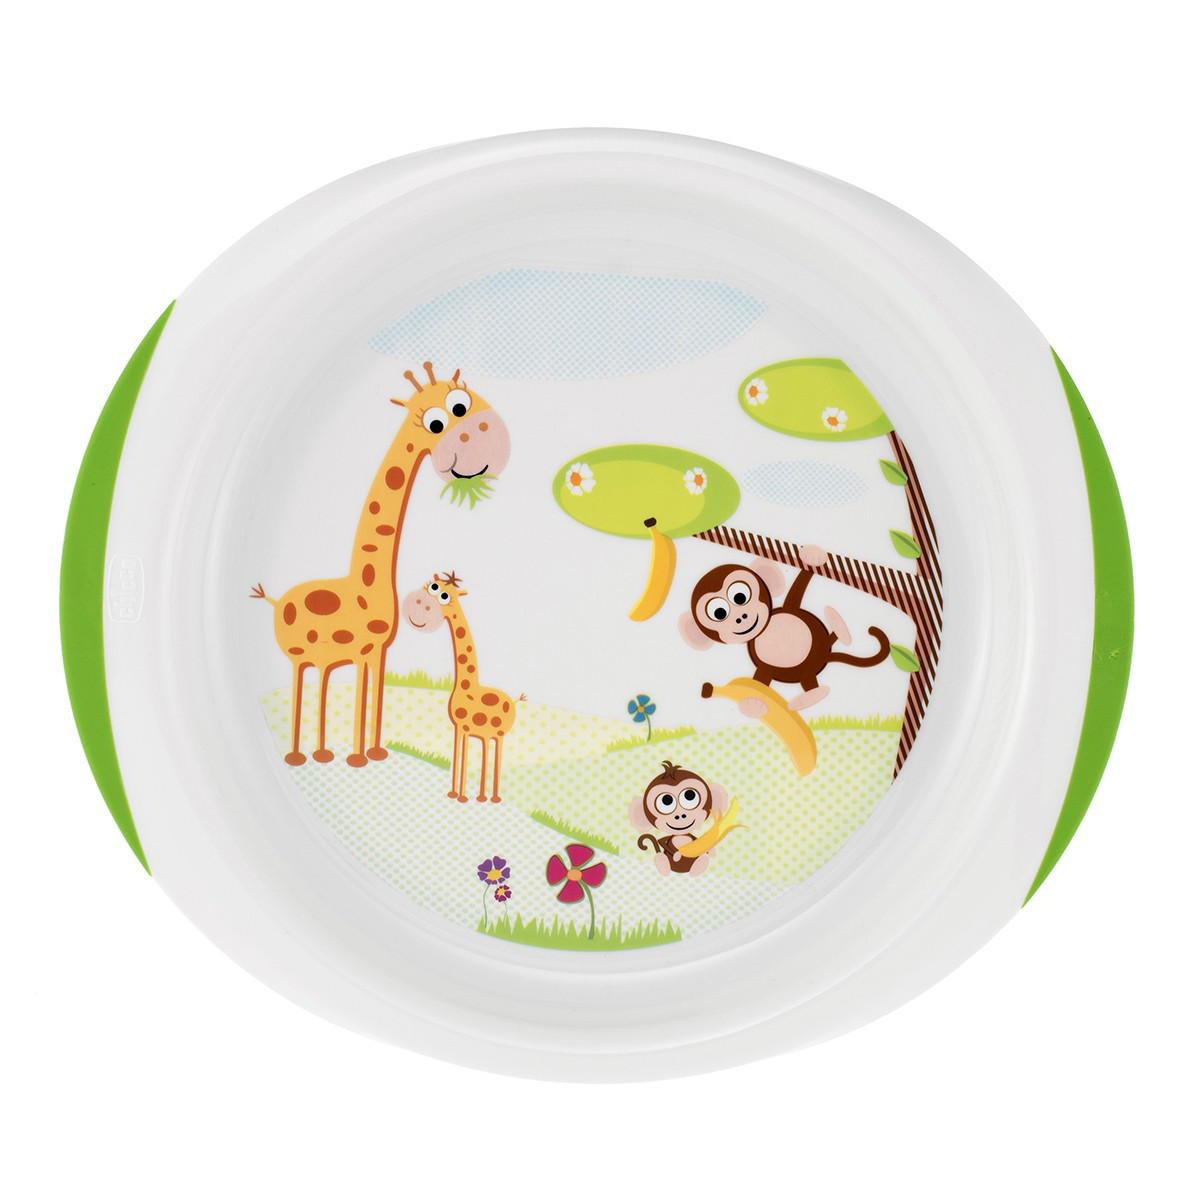 Набор тарелок Chicco , 2шт. (12+)